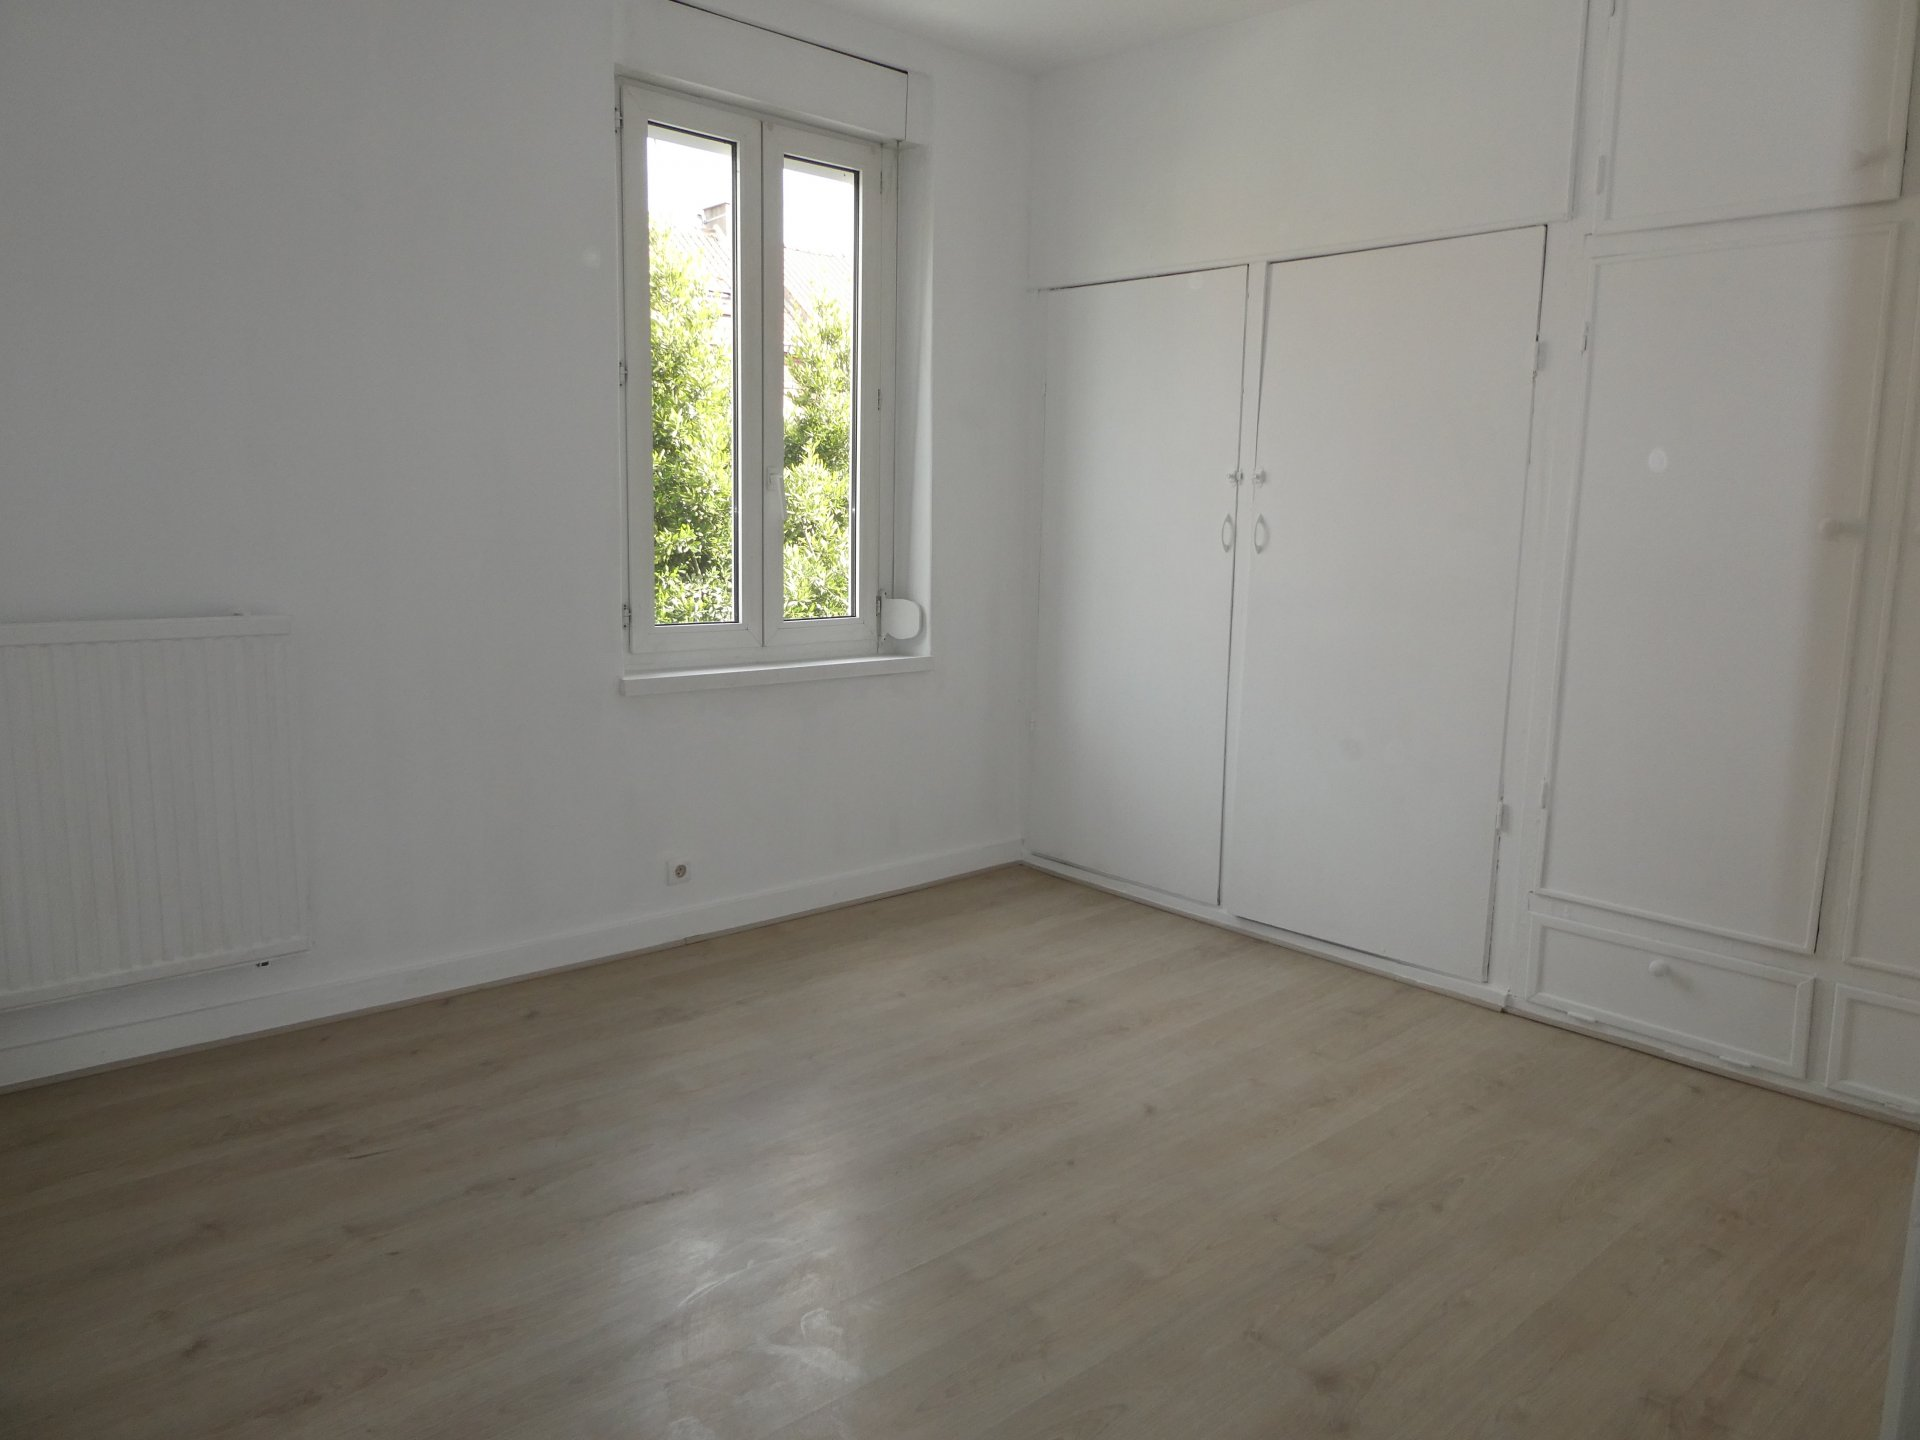 CROIX St Pierre - 1930 4 chambres 112m²